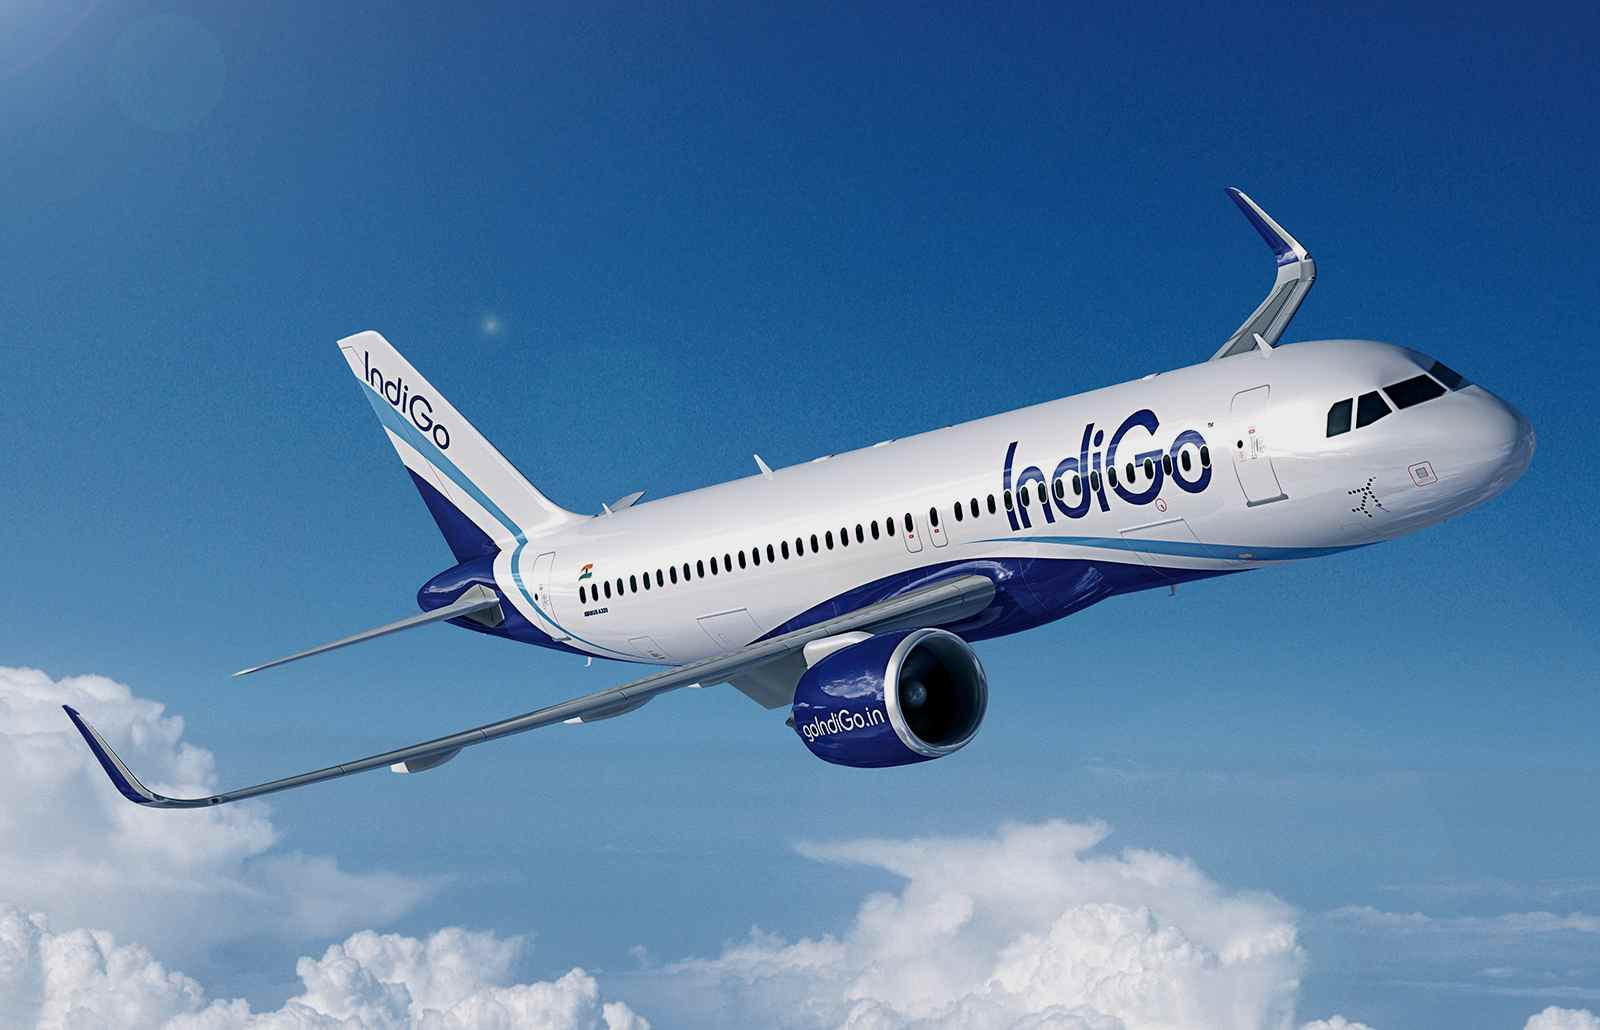 Indigo - Best Airlines in India